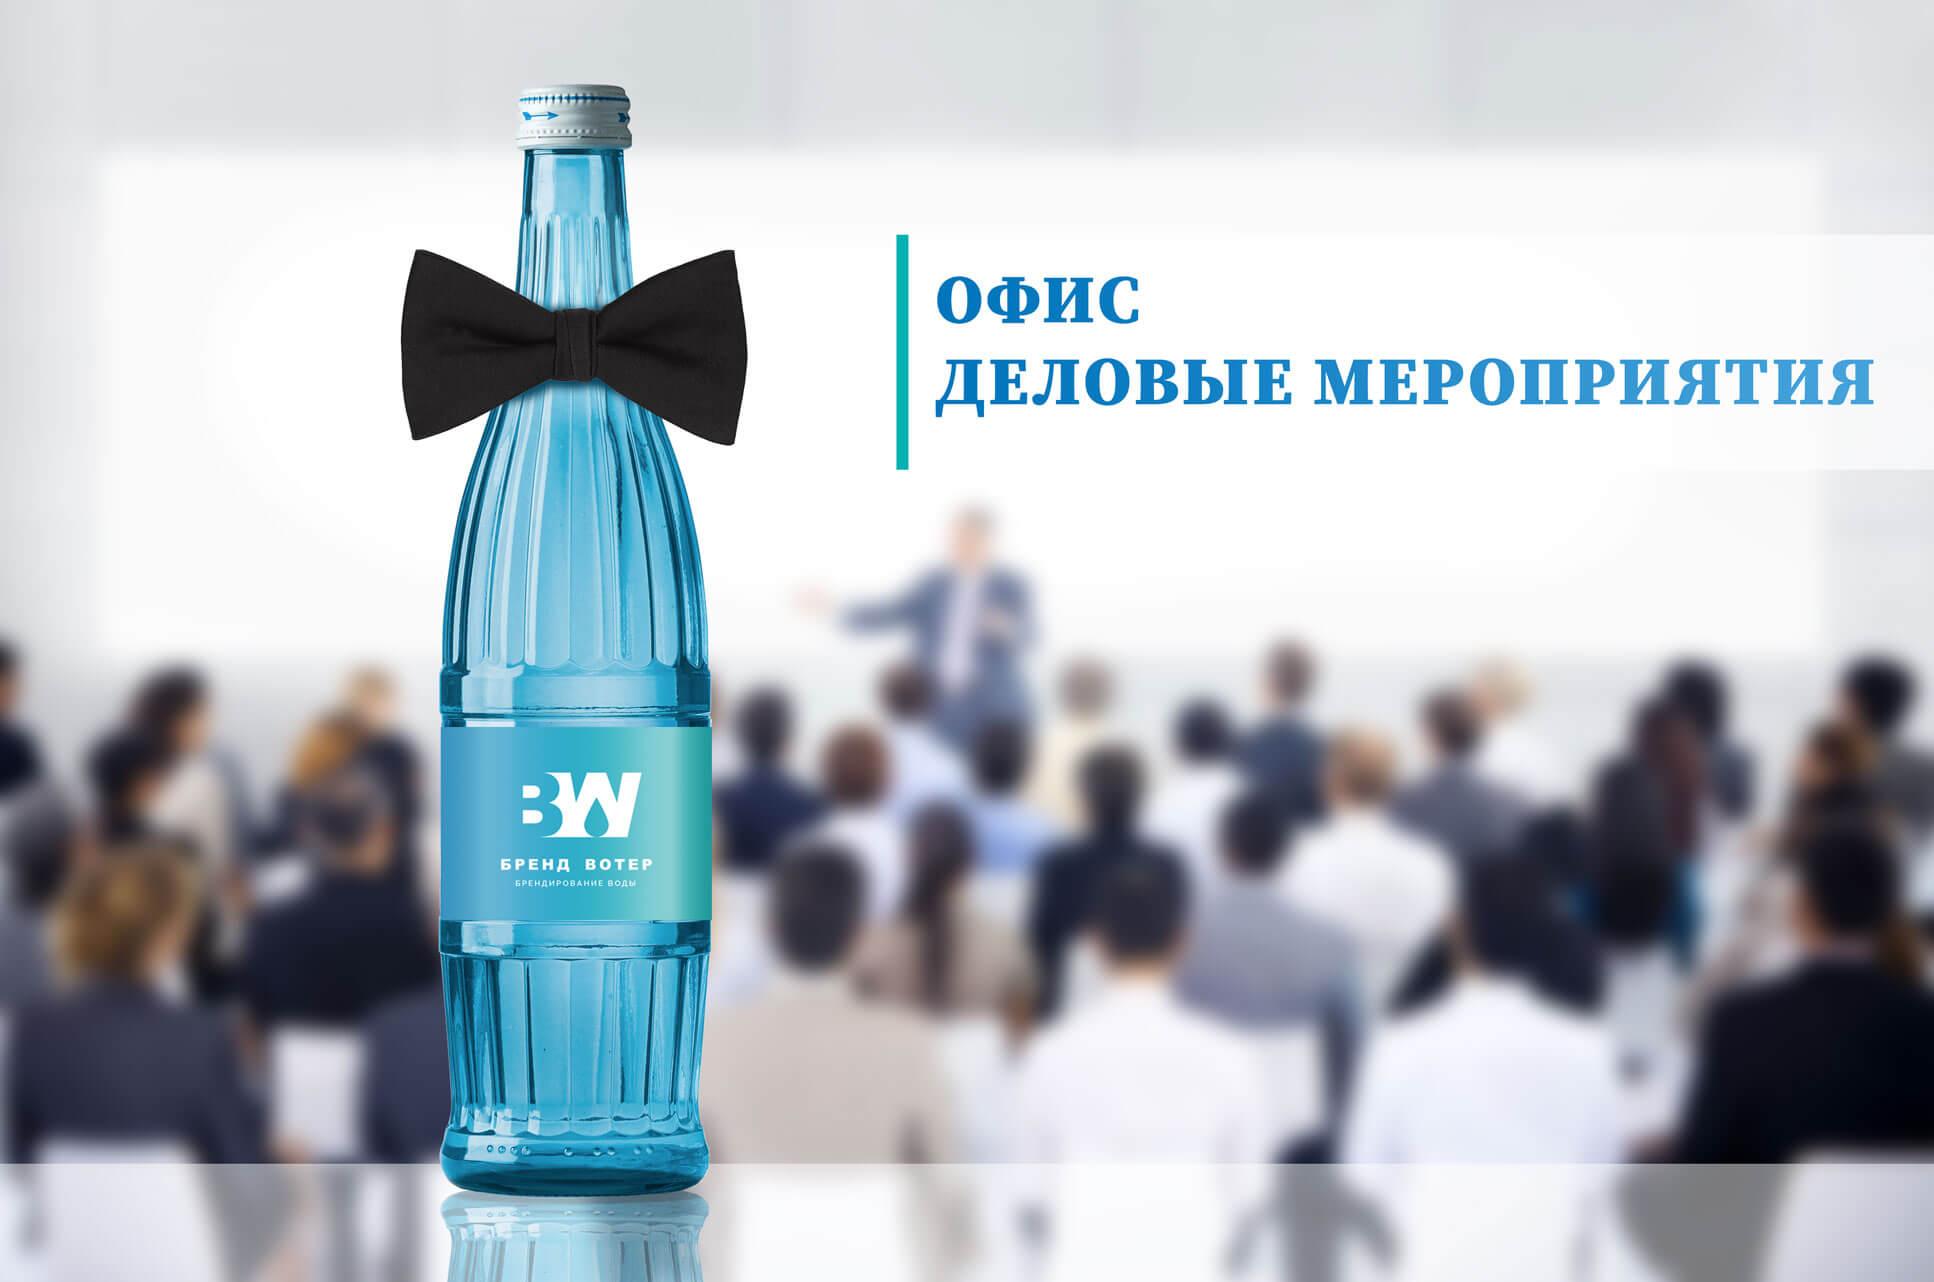 Вода для офиса и деловых мероприятий